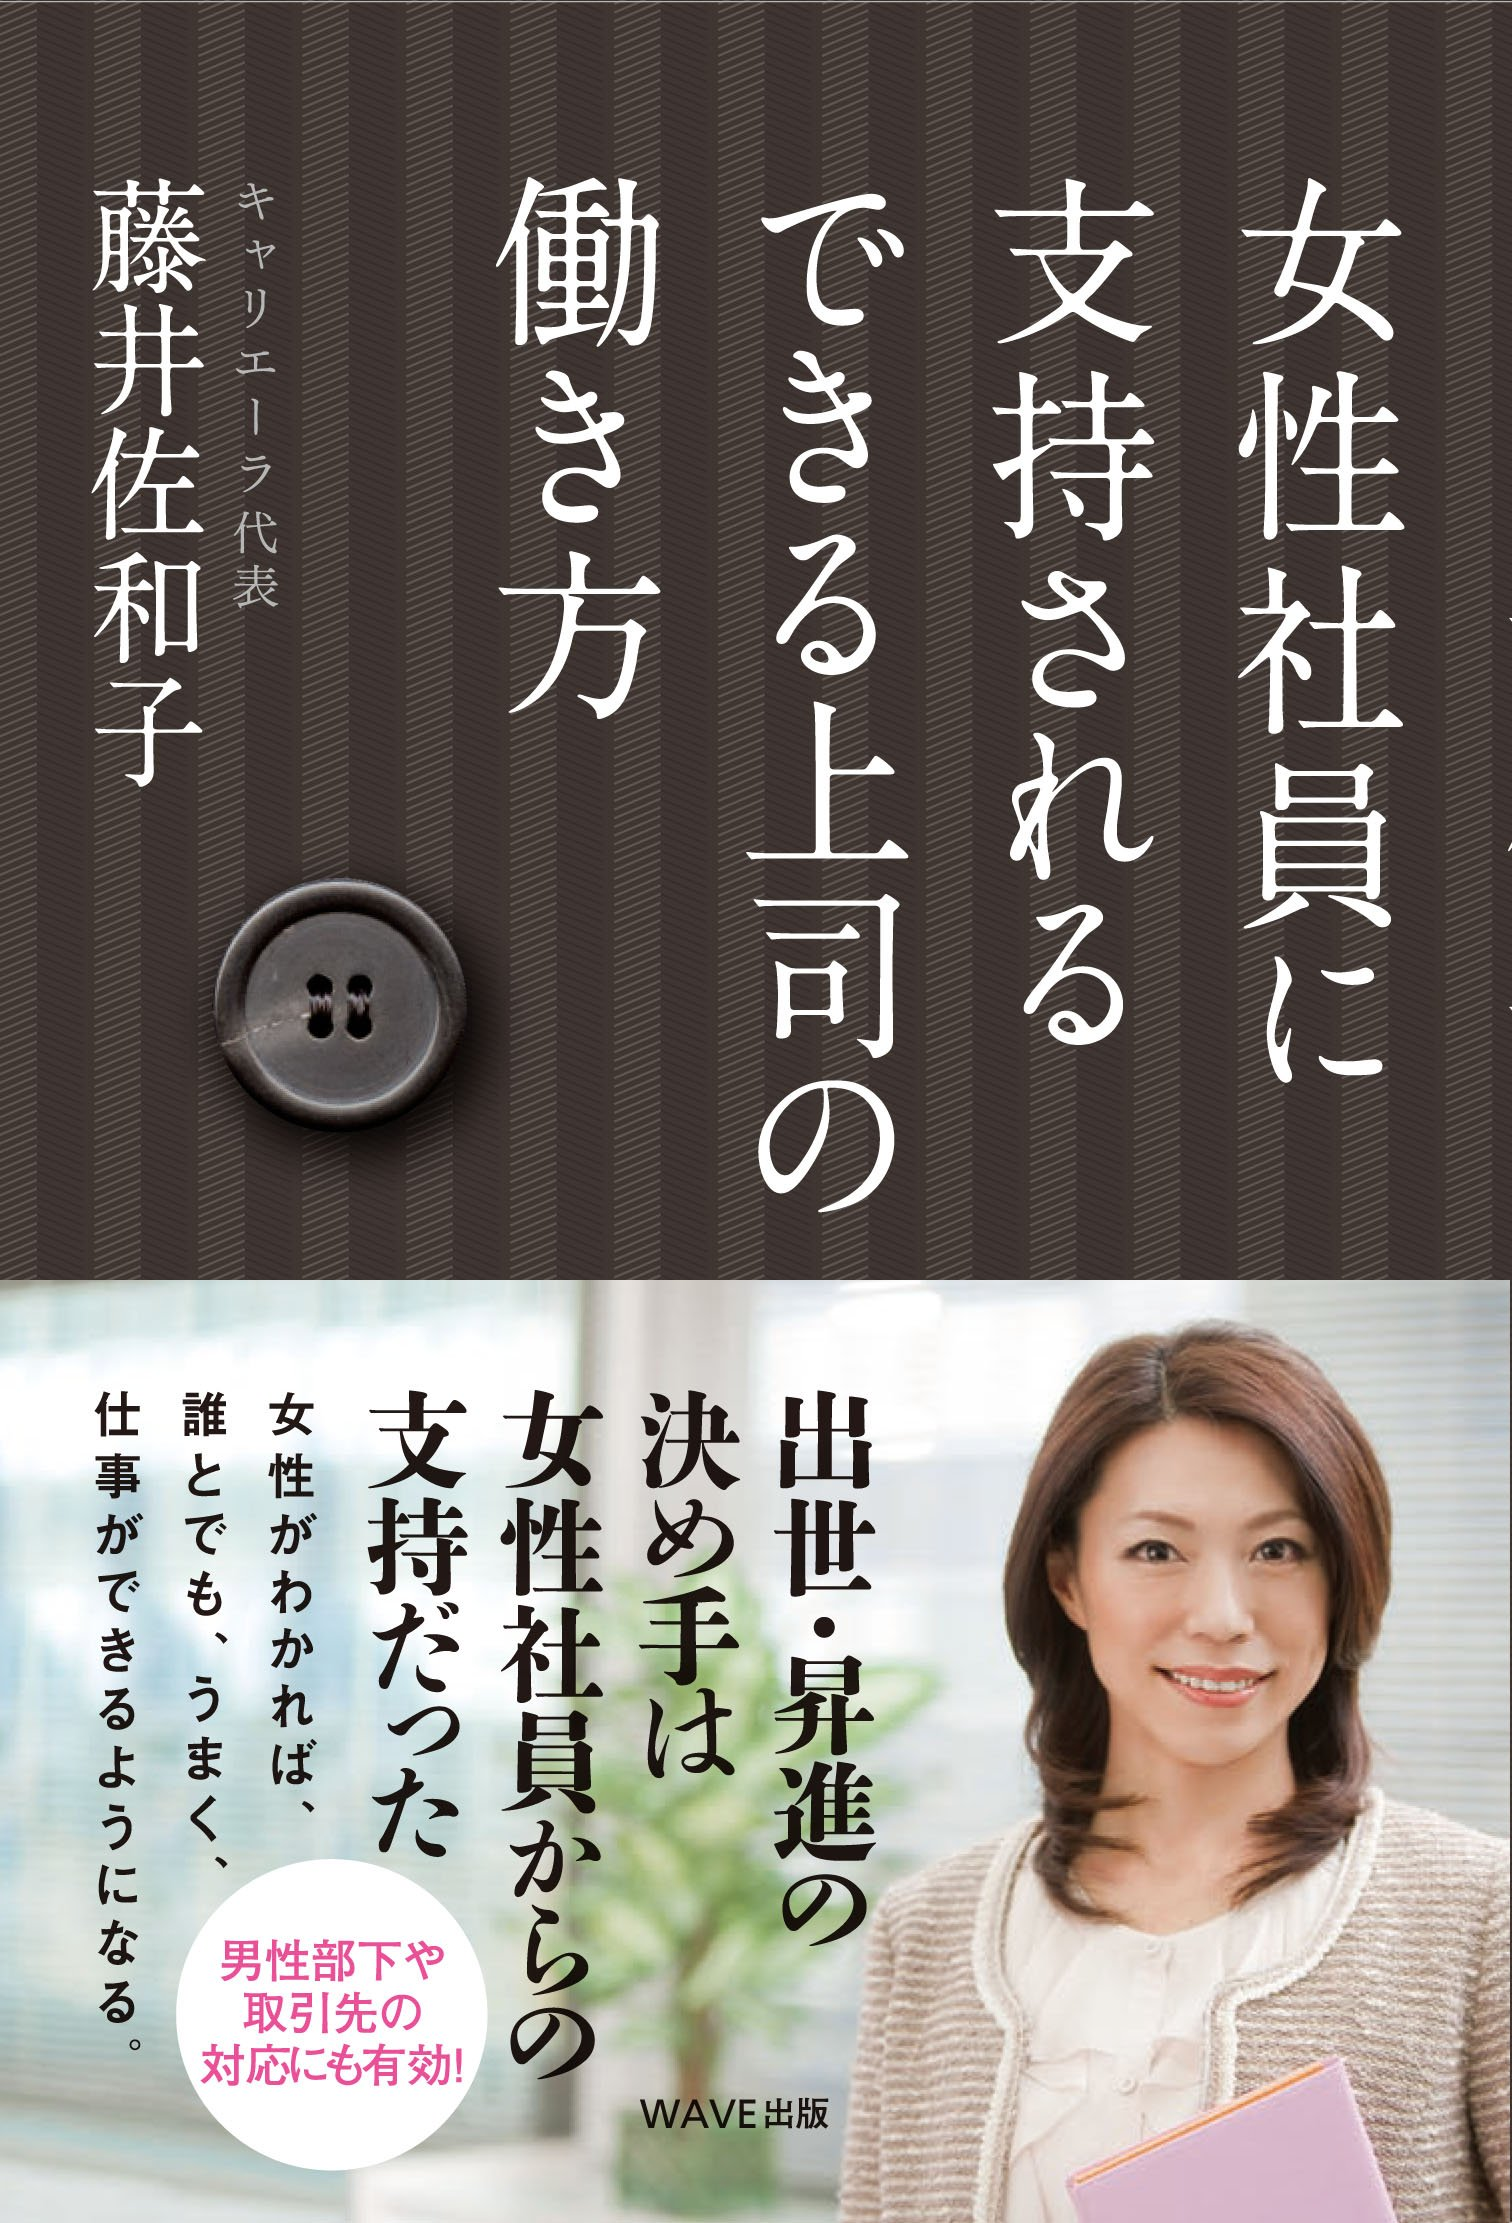 「あなたには、ずっといてほしい」と会社で言われるために、いますぐはじめる45のこと 藤井佐和子